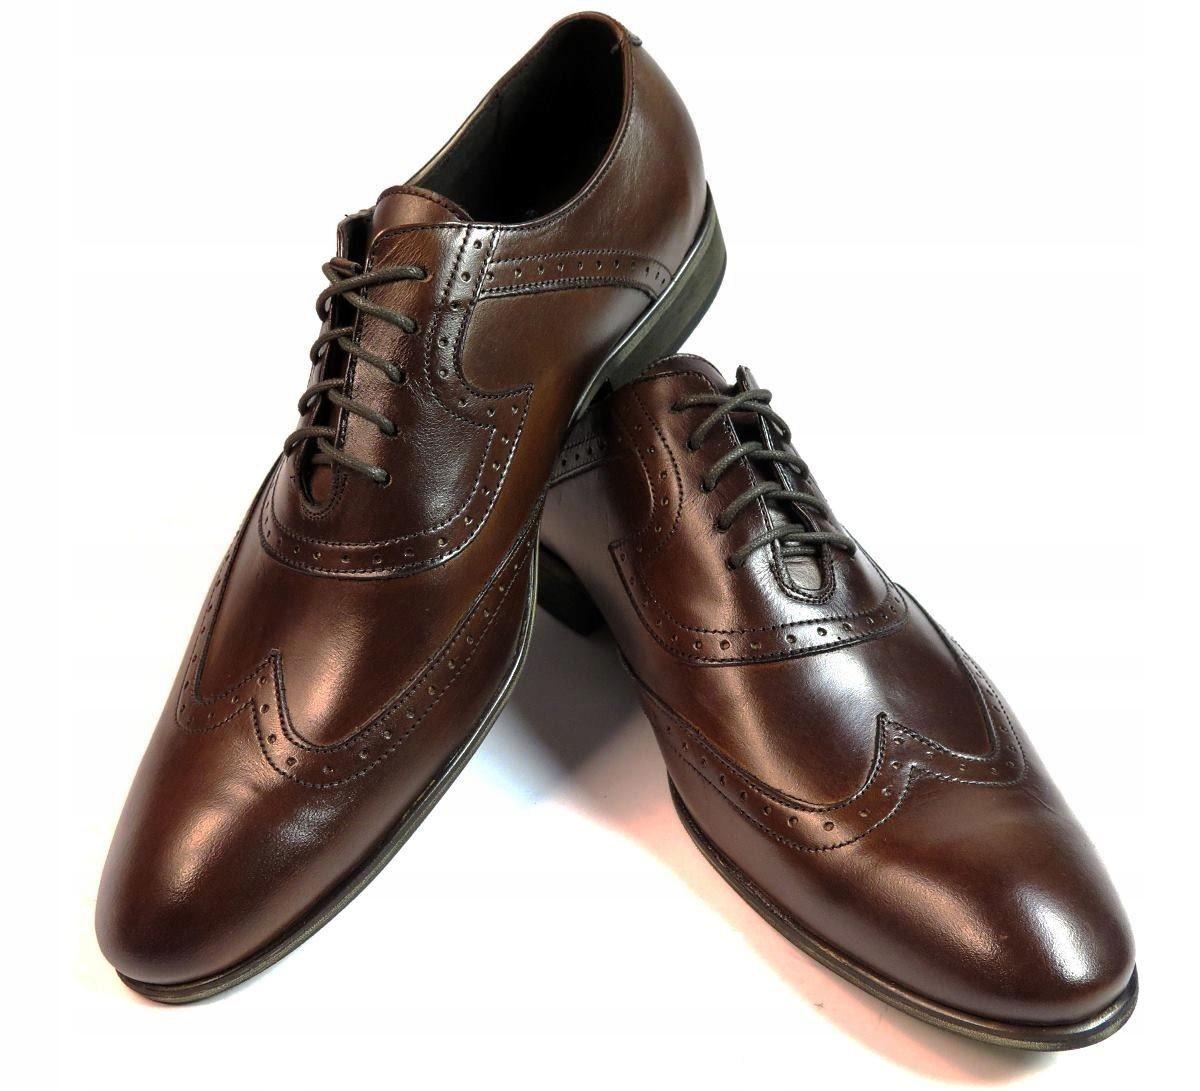 c0821bfbb7d2e ... Brązowe buty męskie do garnituru Modini r. 44 T92. BRĄZOWE PÓŁBUTY DO  GARNITURU T56 BROGSY MĘSKIE 45